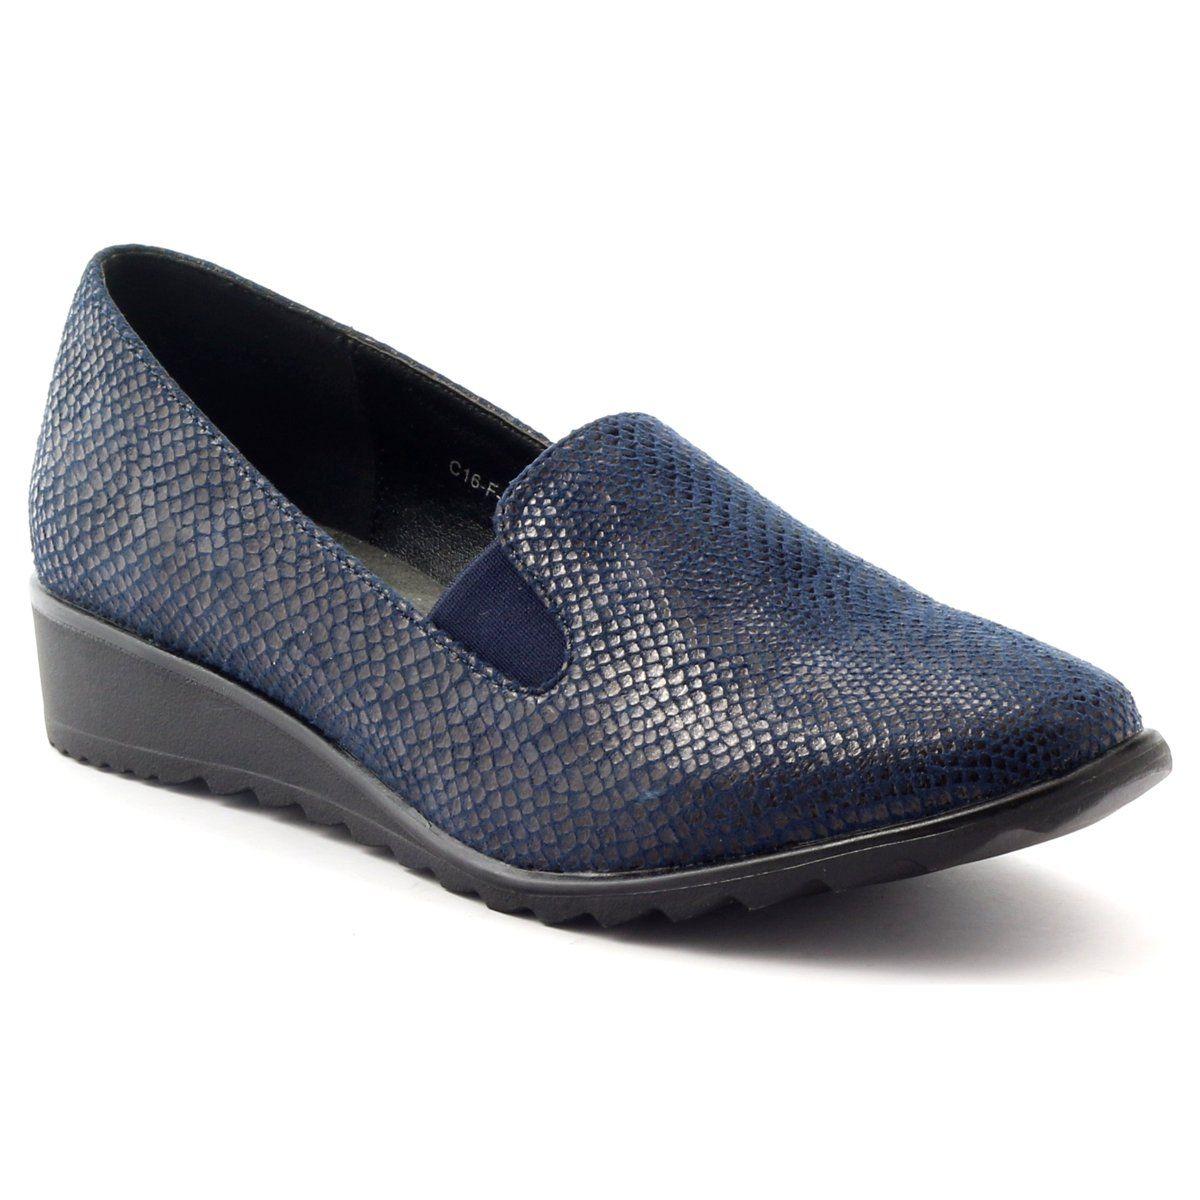 Polbuty Damskie Sportowe Mcarthur 02 Nv Gr Wielokolorowe Granatowe Dress Shoes Men Loafers Men Dress Shoes